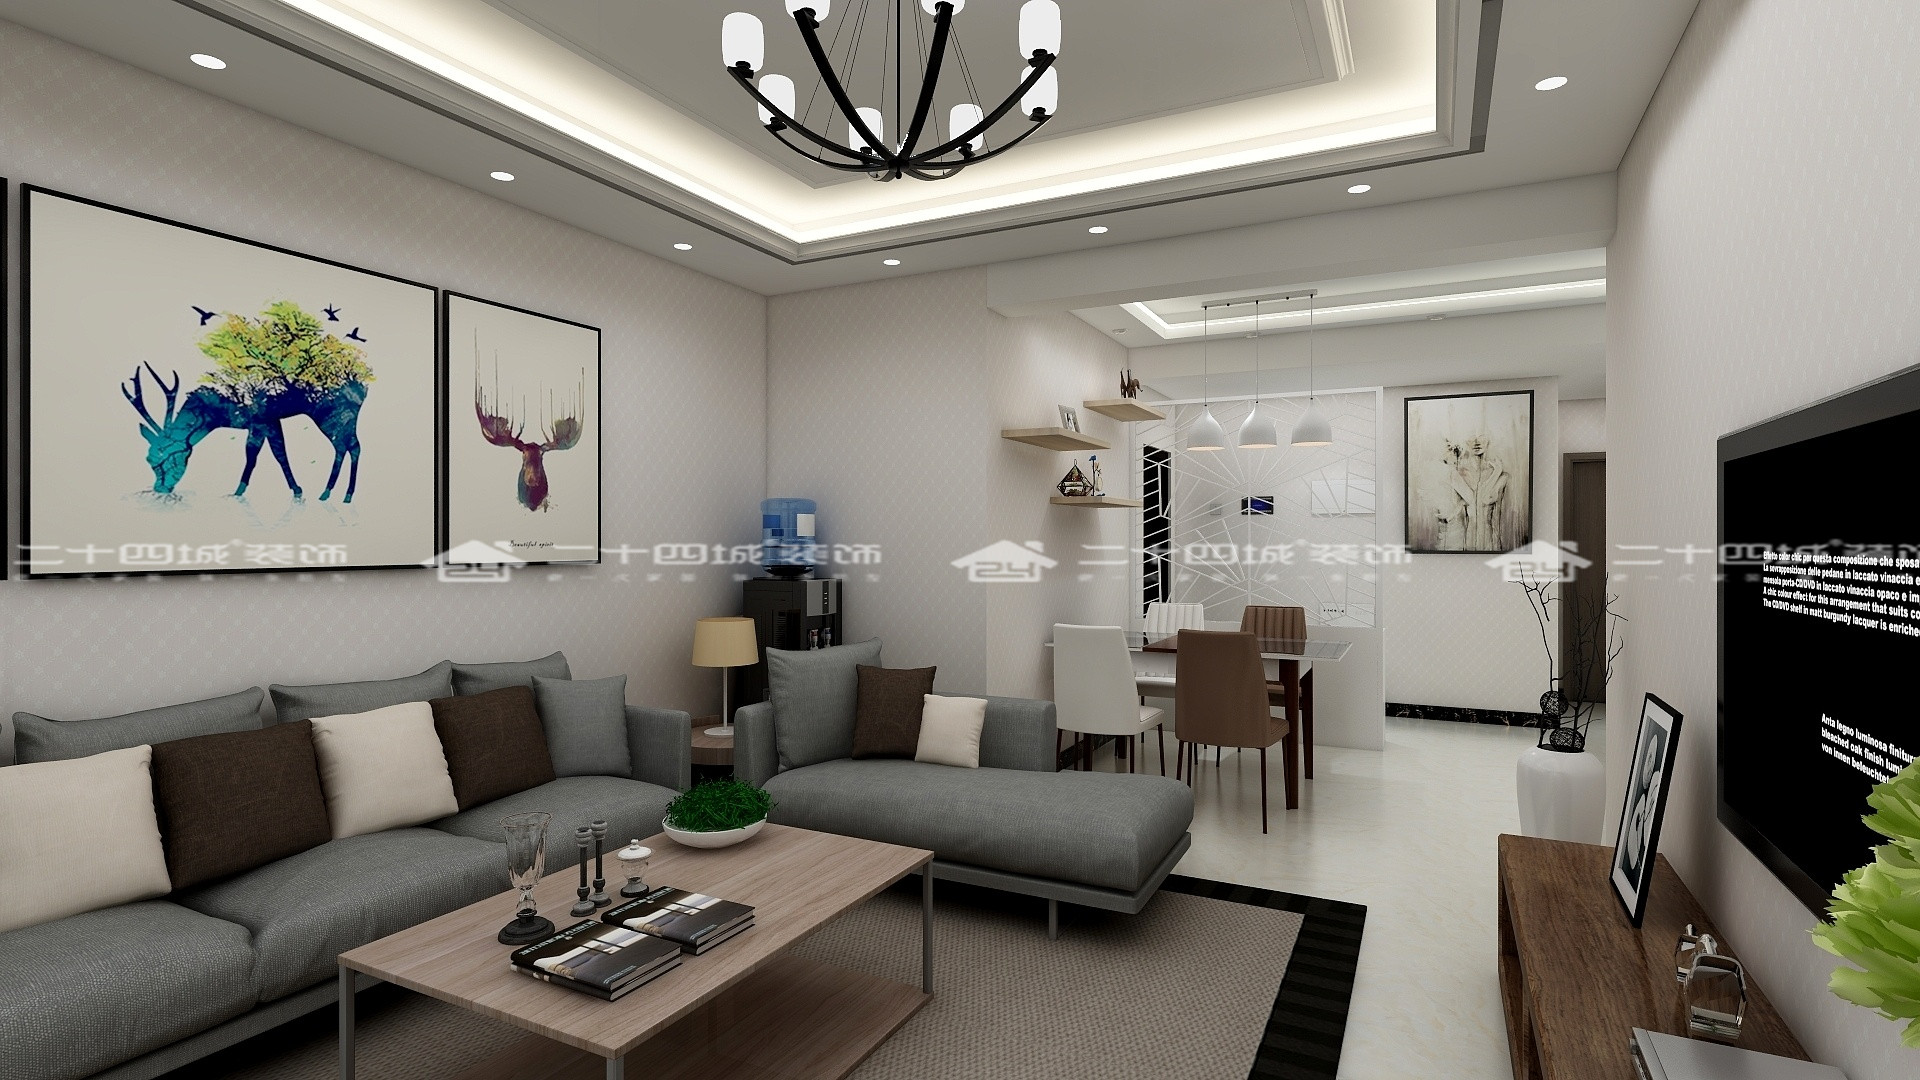 简约 现代 三居 白领 90后 小资 收纳 性冷淡风 舒适 客厅图片来自二十四城装饰(集团)昆明公司在时代俊园 现代简约风的分享